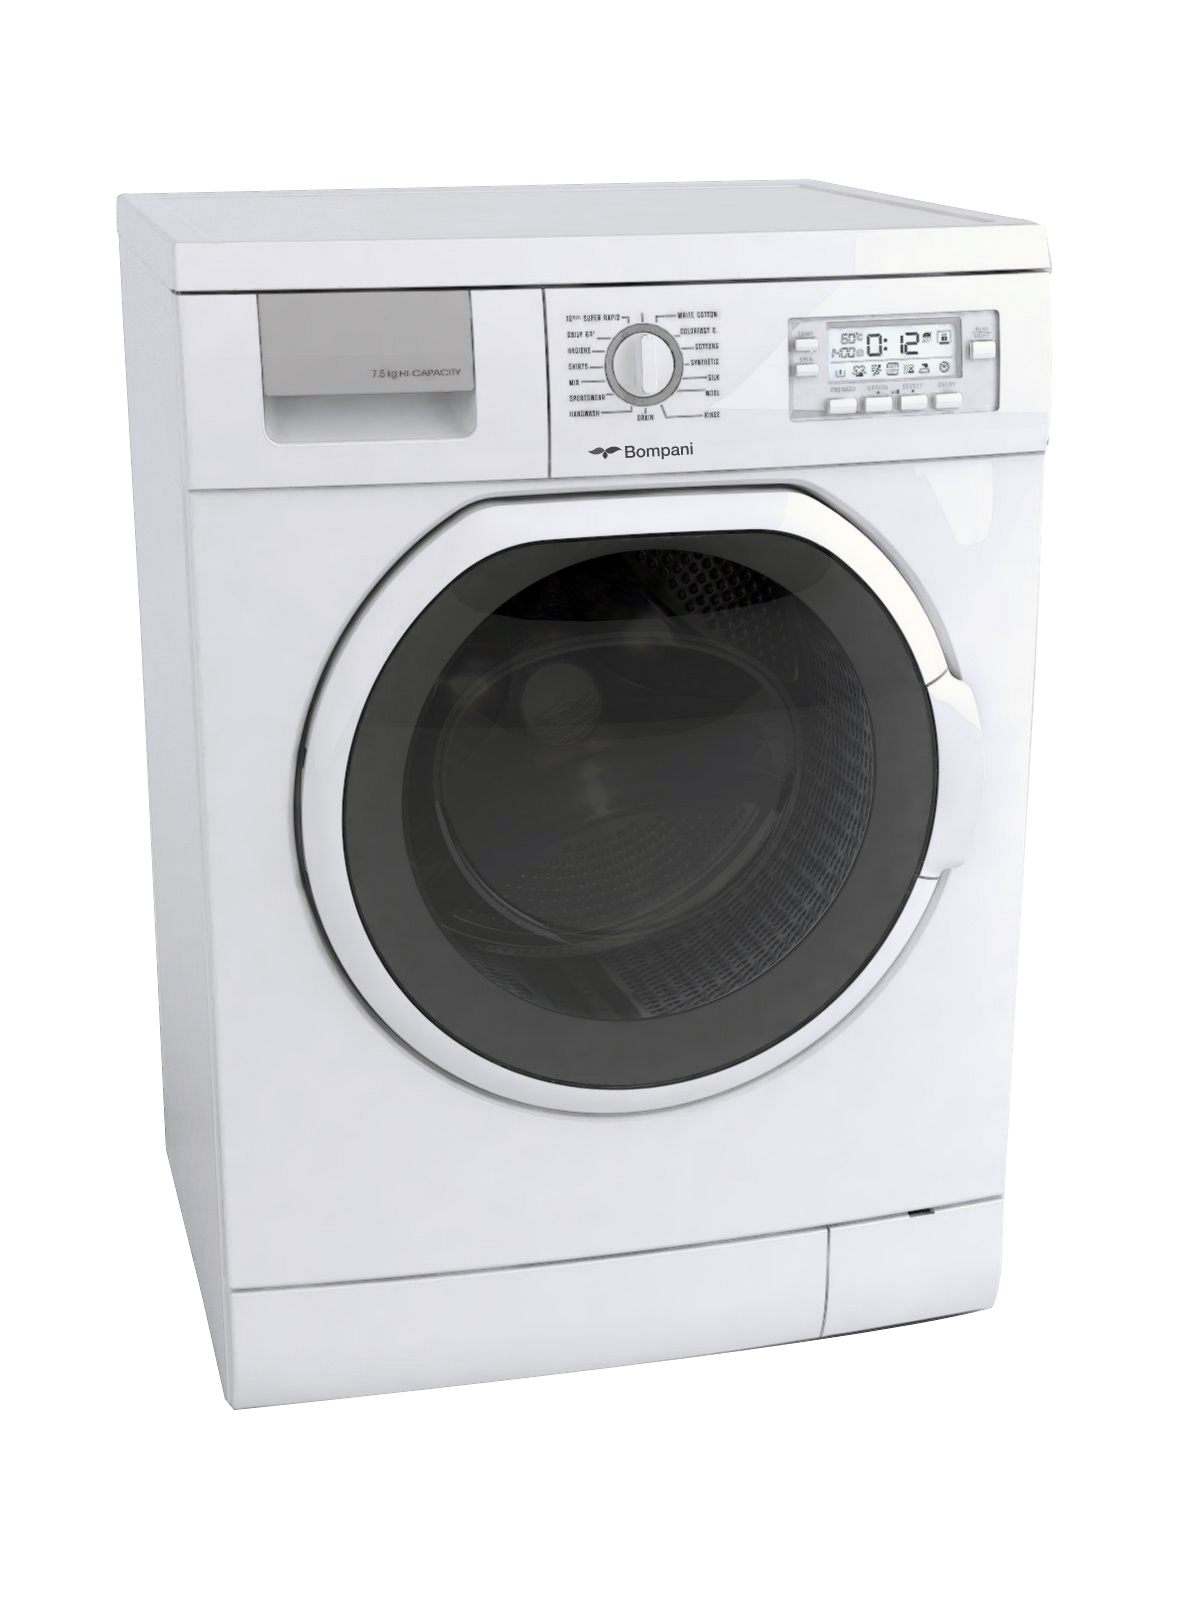 Lavabiancheria BOMPANI: efficienza energetica racchiusa in un design accattivante e moderno per uno stile personalizzato